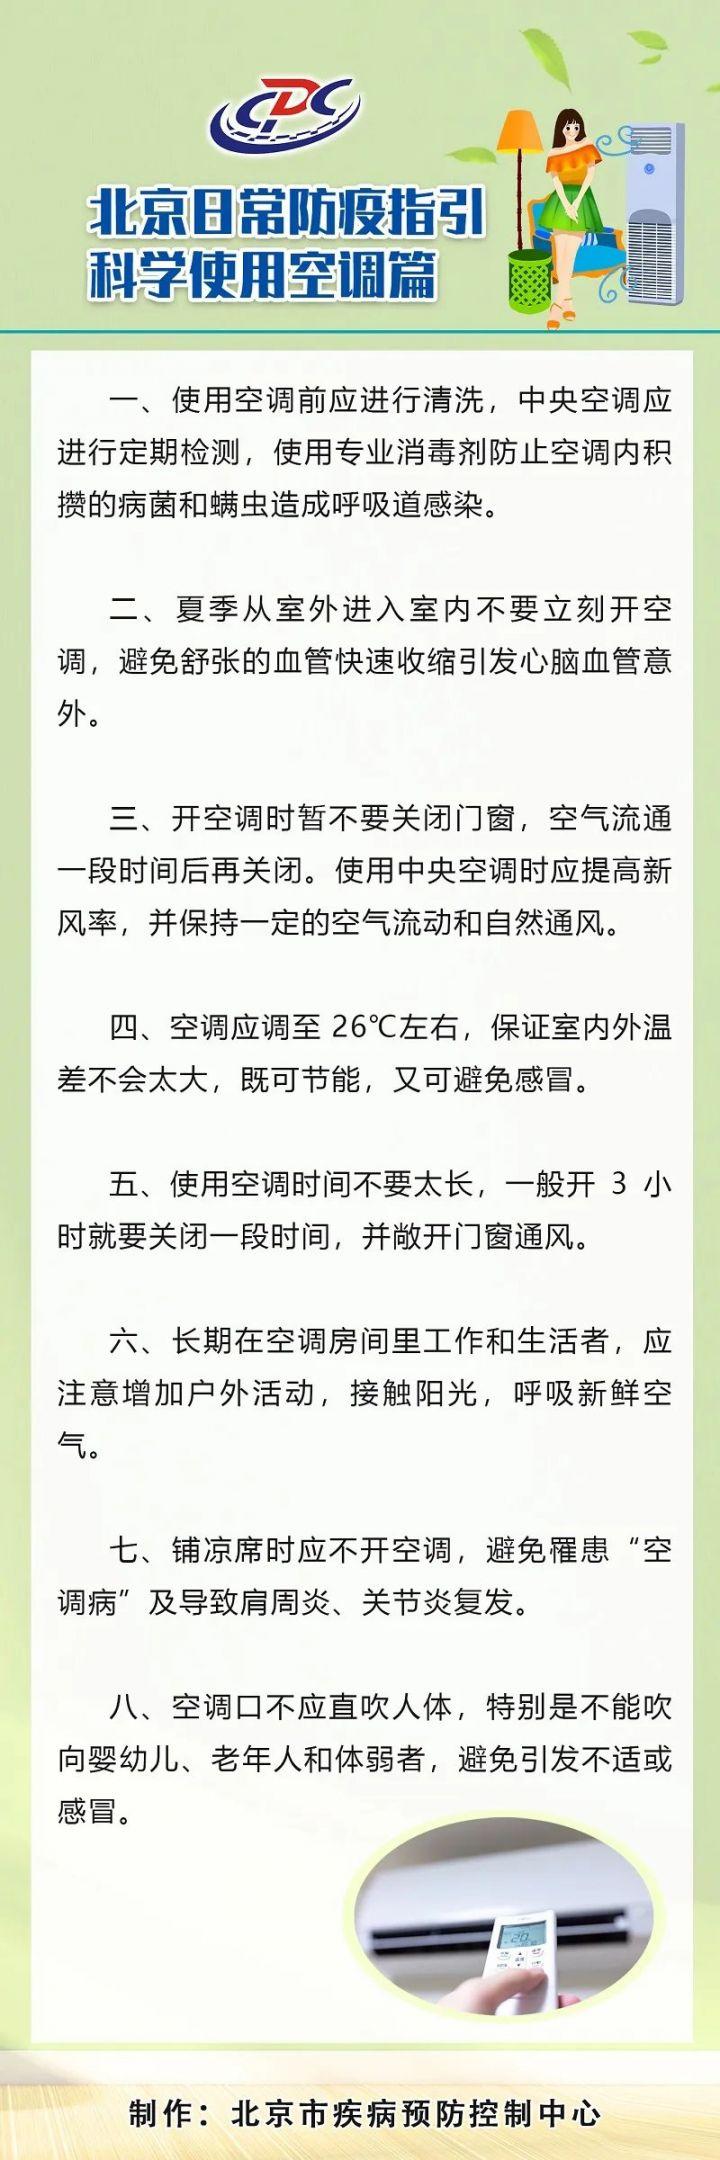 北京日常防疫指引——科学使用空调篇